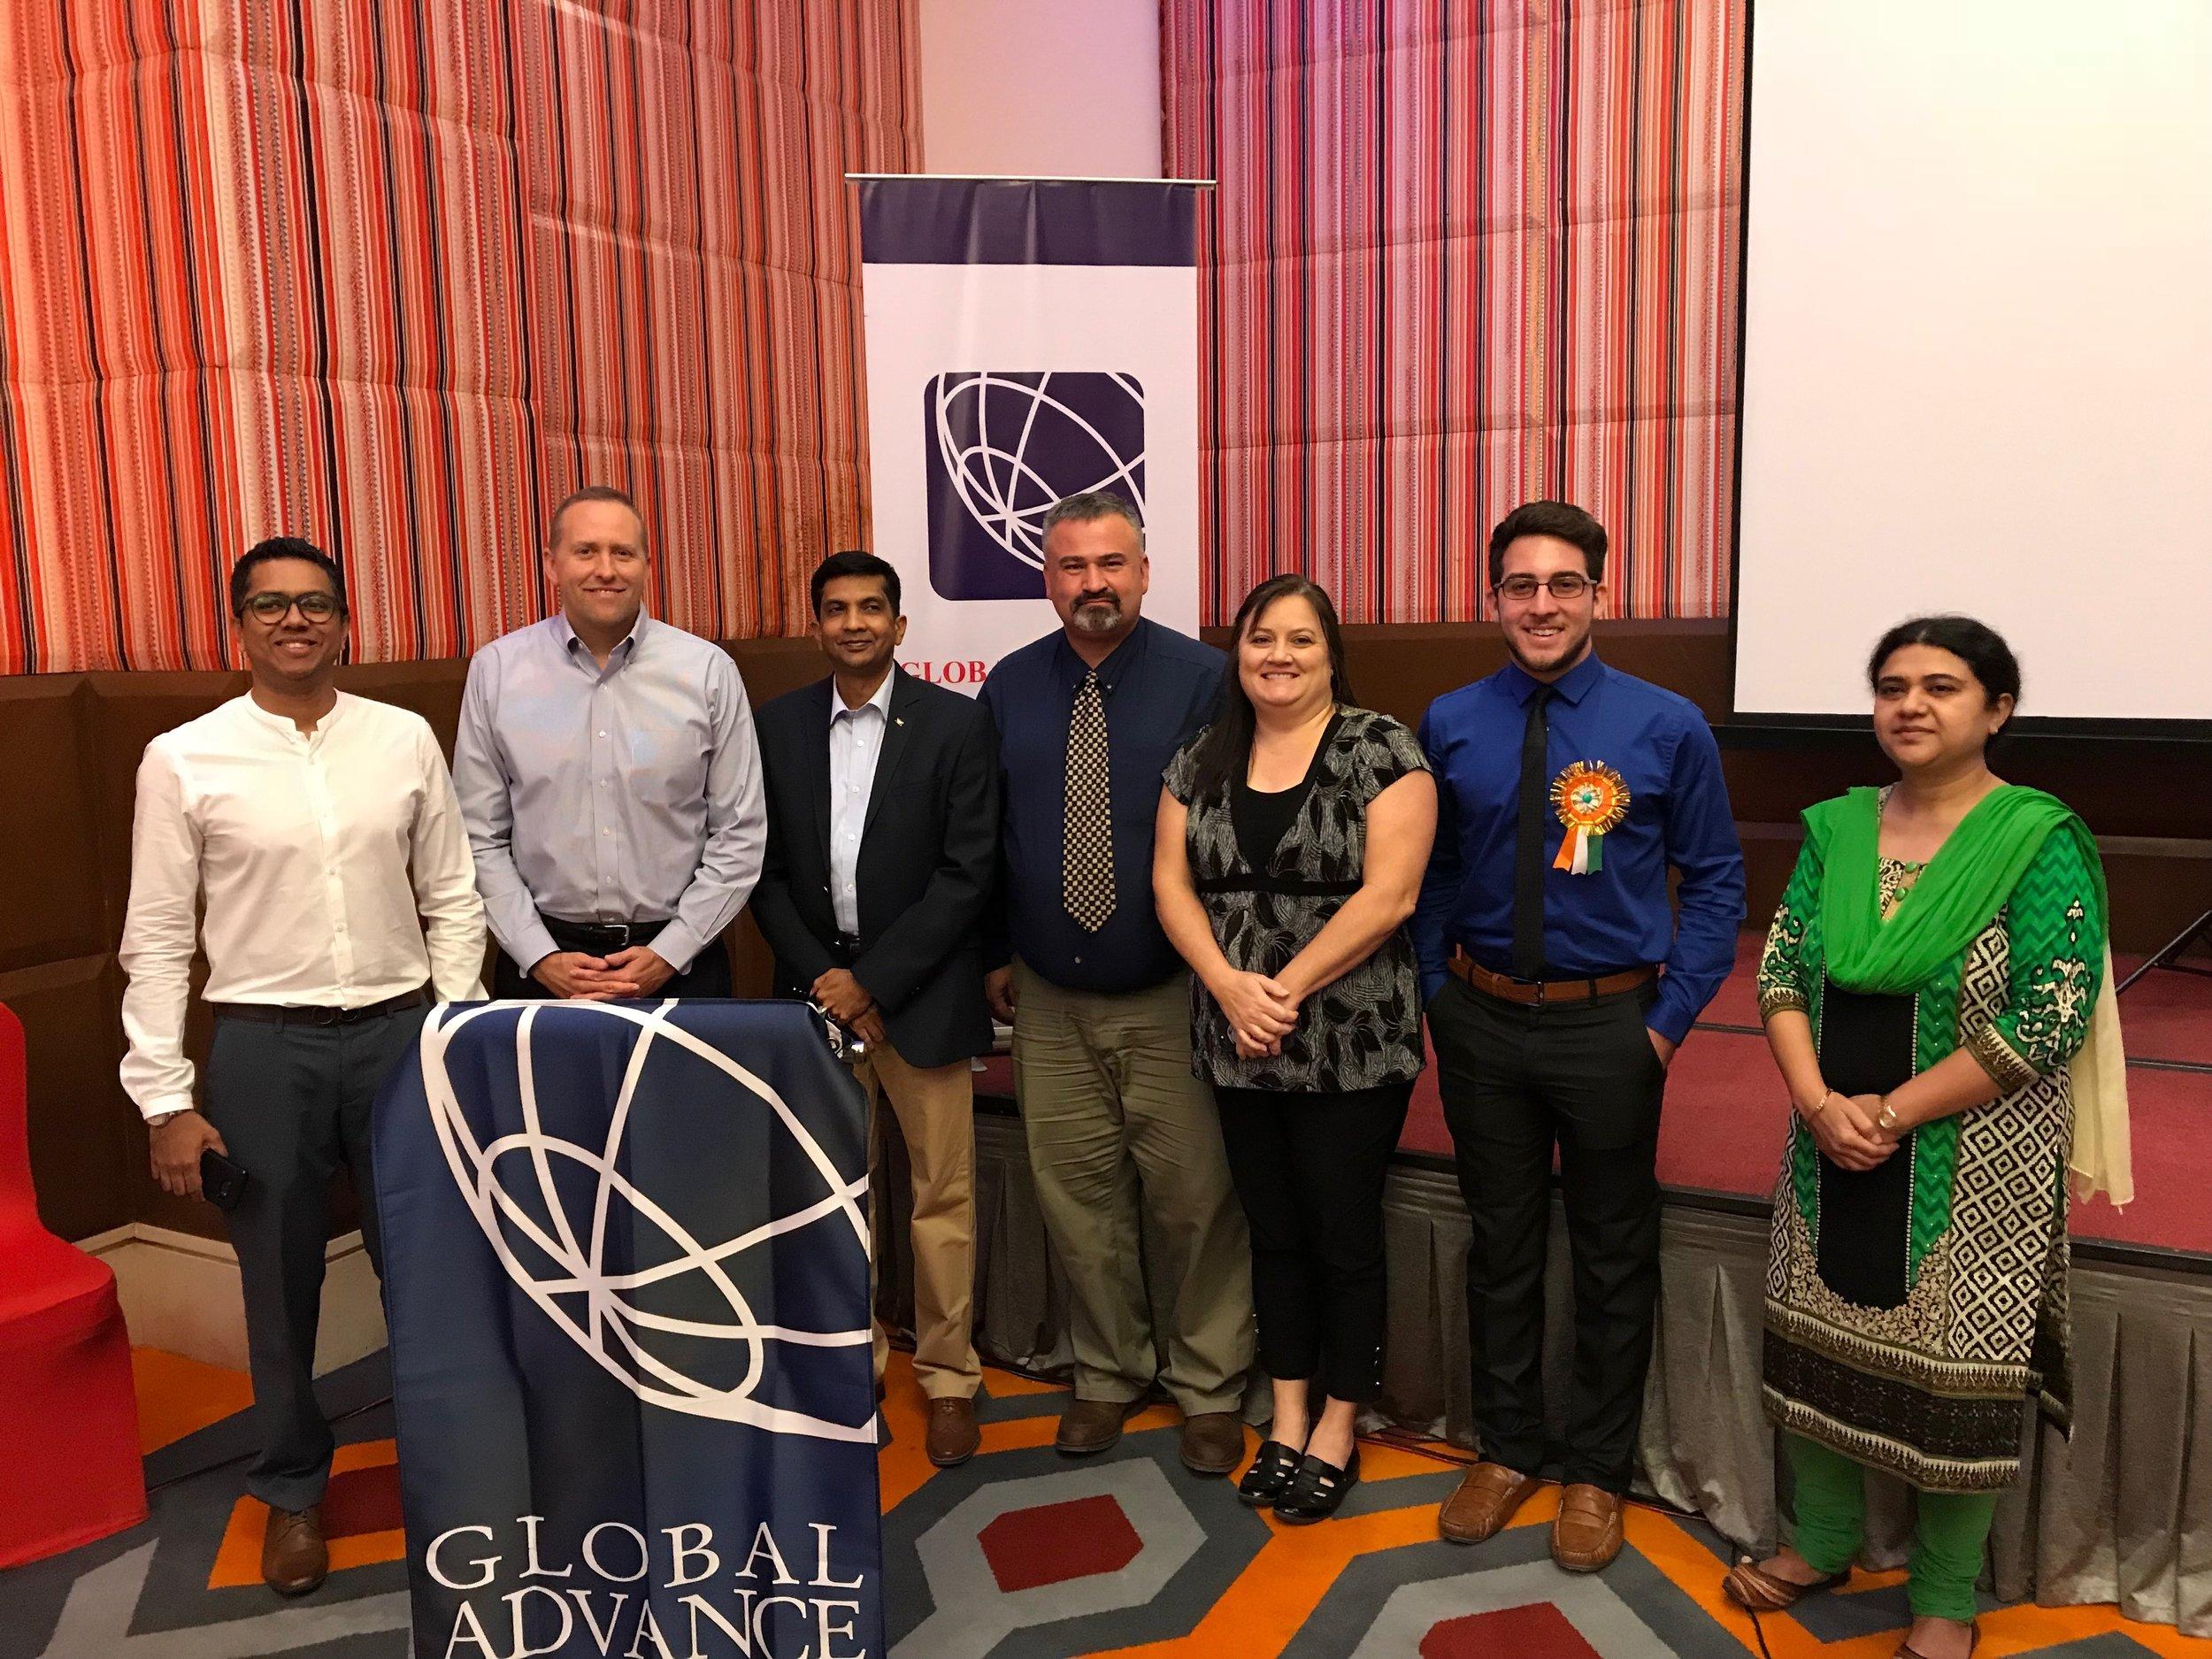 Global Advance - IMG_3977.jpg